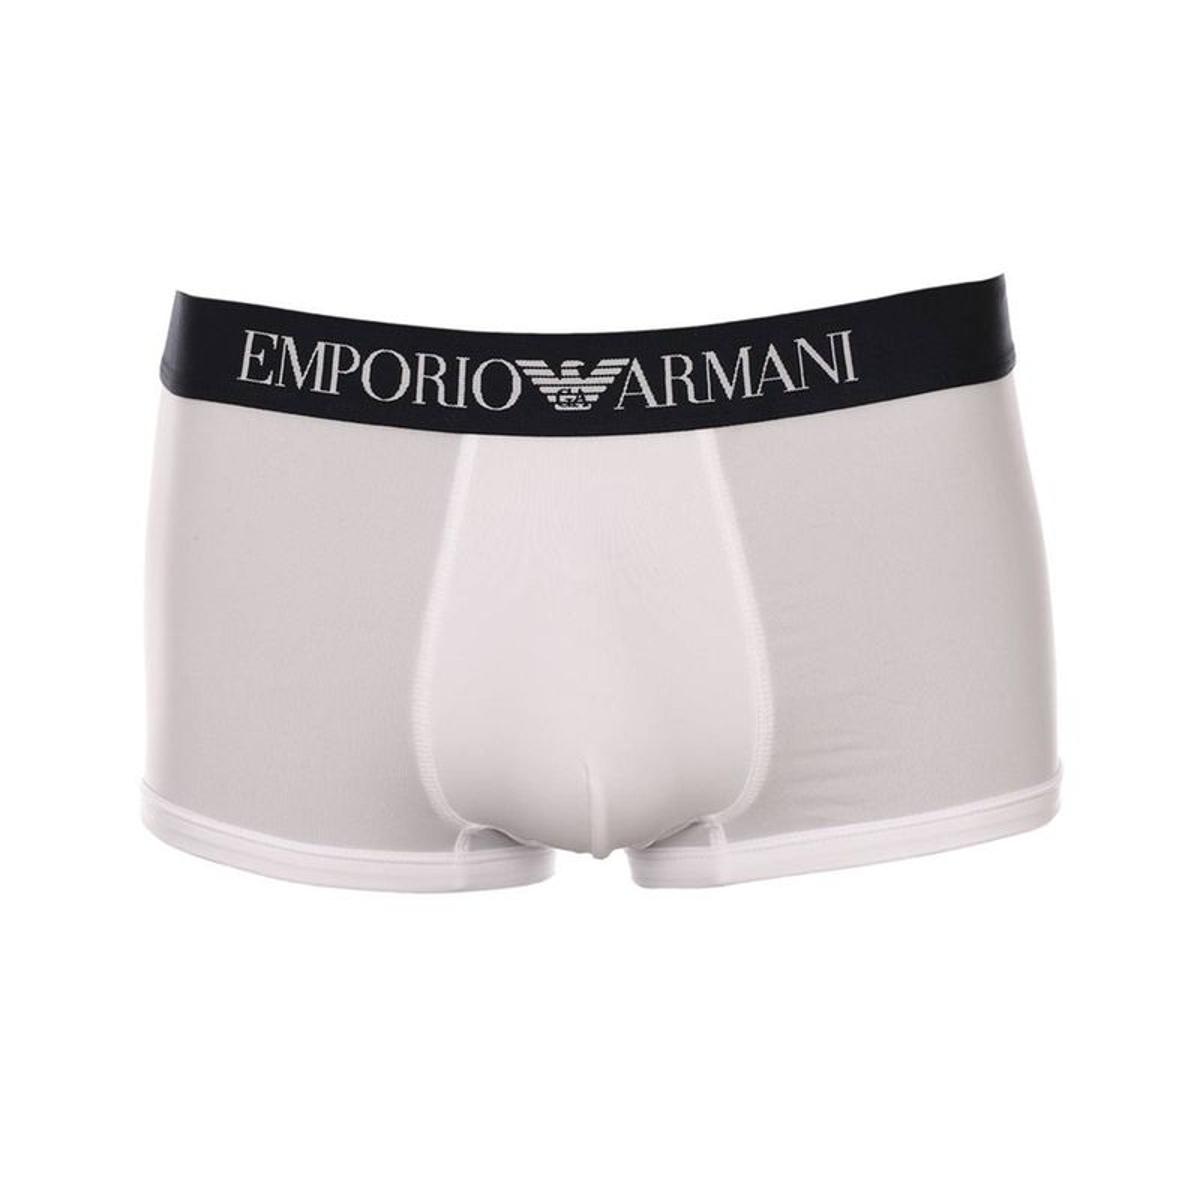 Emporio Armani - boxer